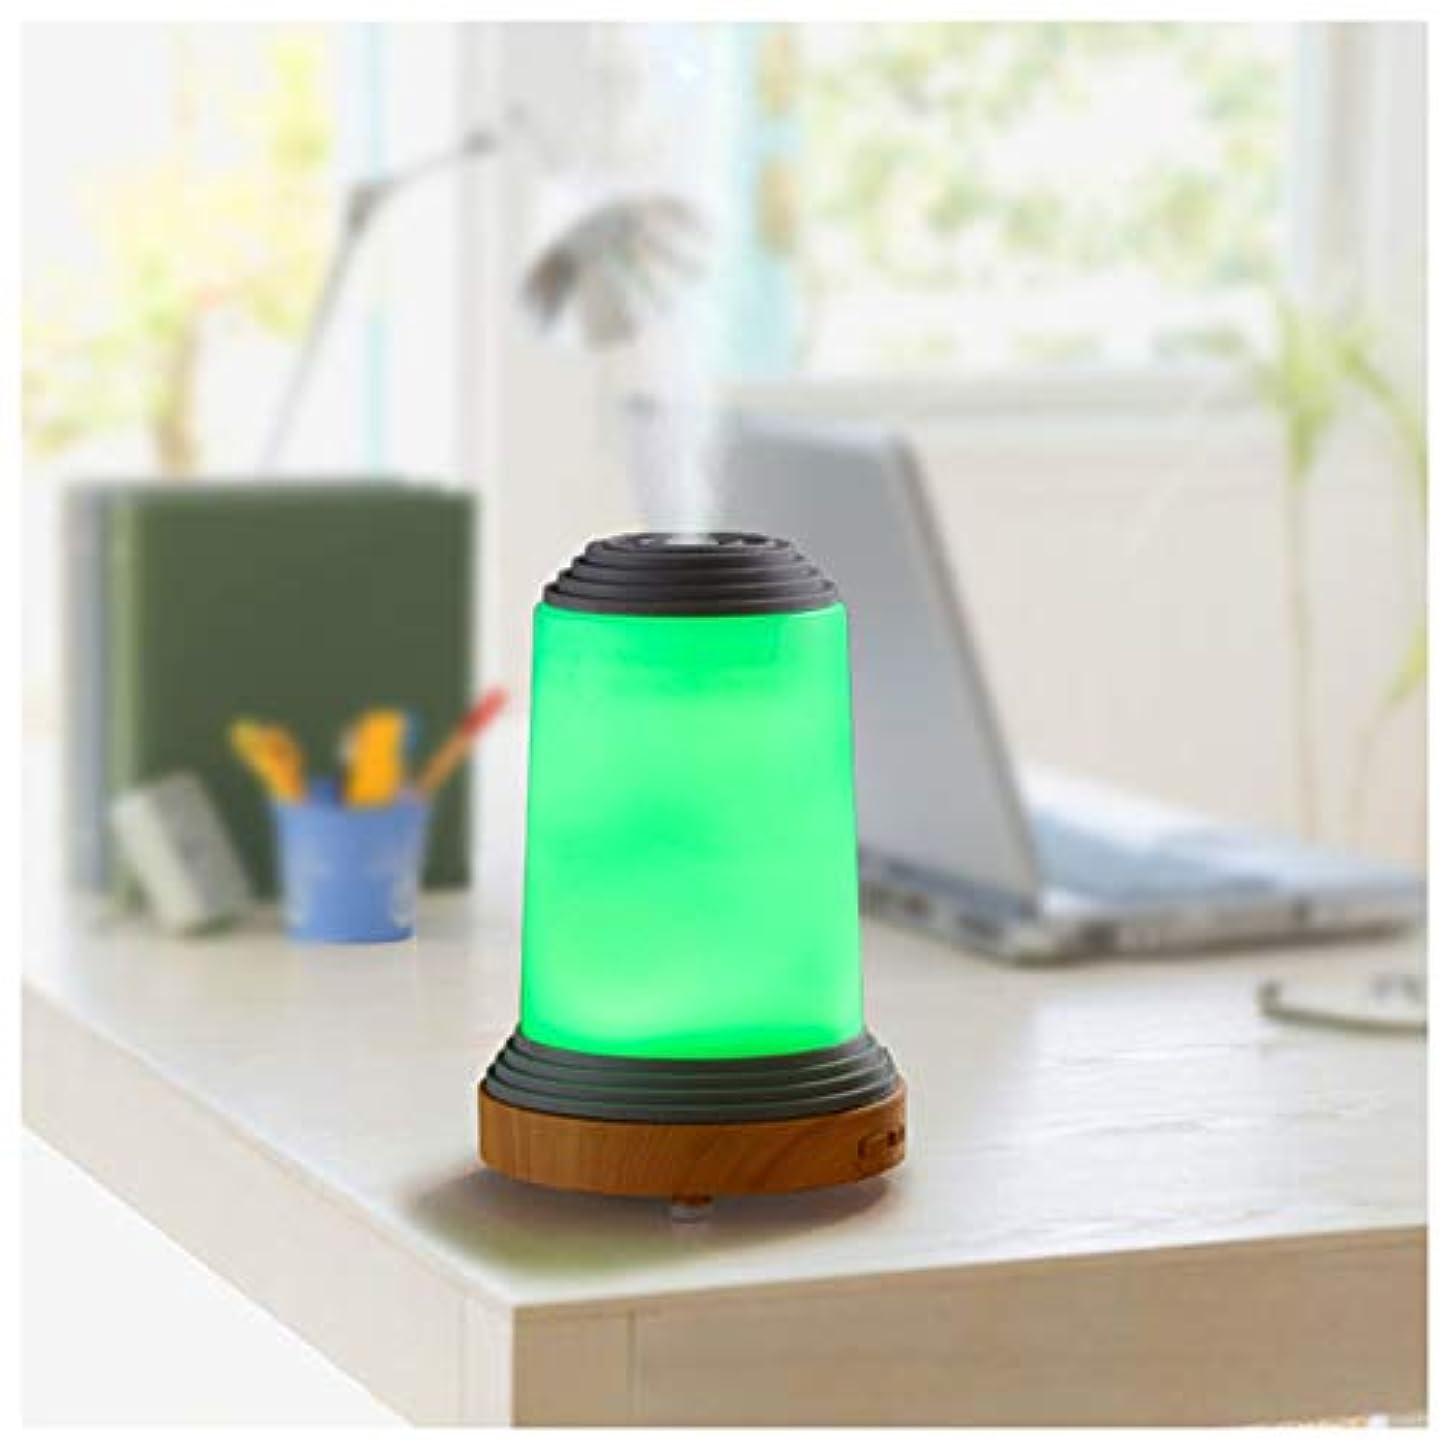 エッセンシャルオイルディフューザー超音波アロマディフューザー、100ミリリットルユニークな灯台形状加湿器、7色LEDライト、ウォーターレス自動閉鎖、ヨガ、オフィス、スパ、寝室